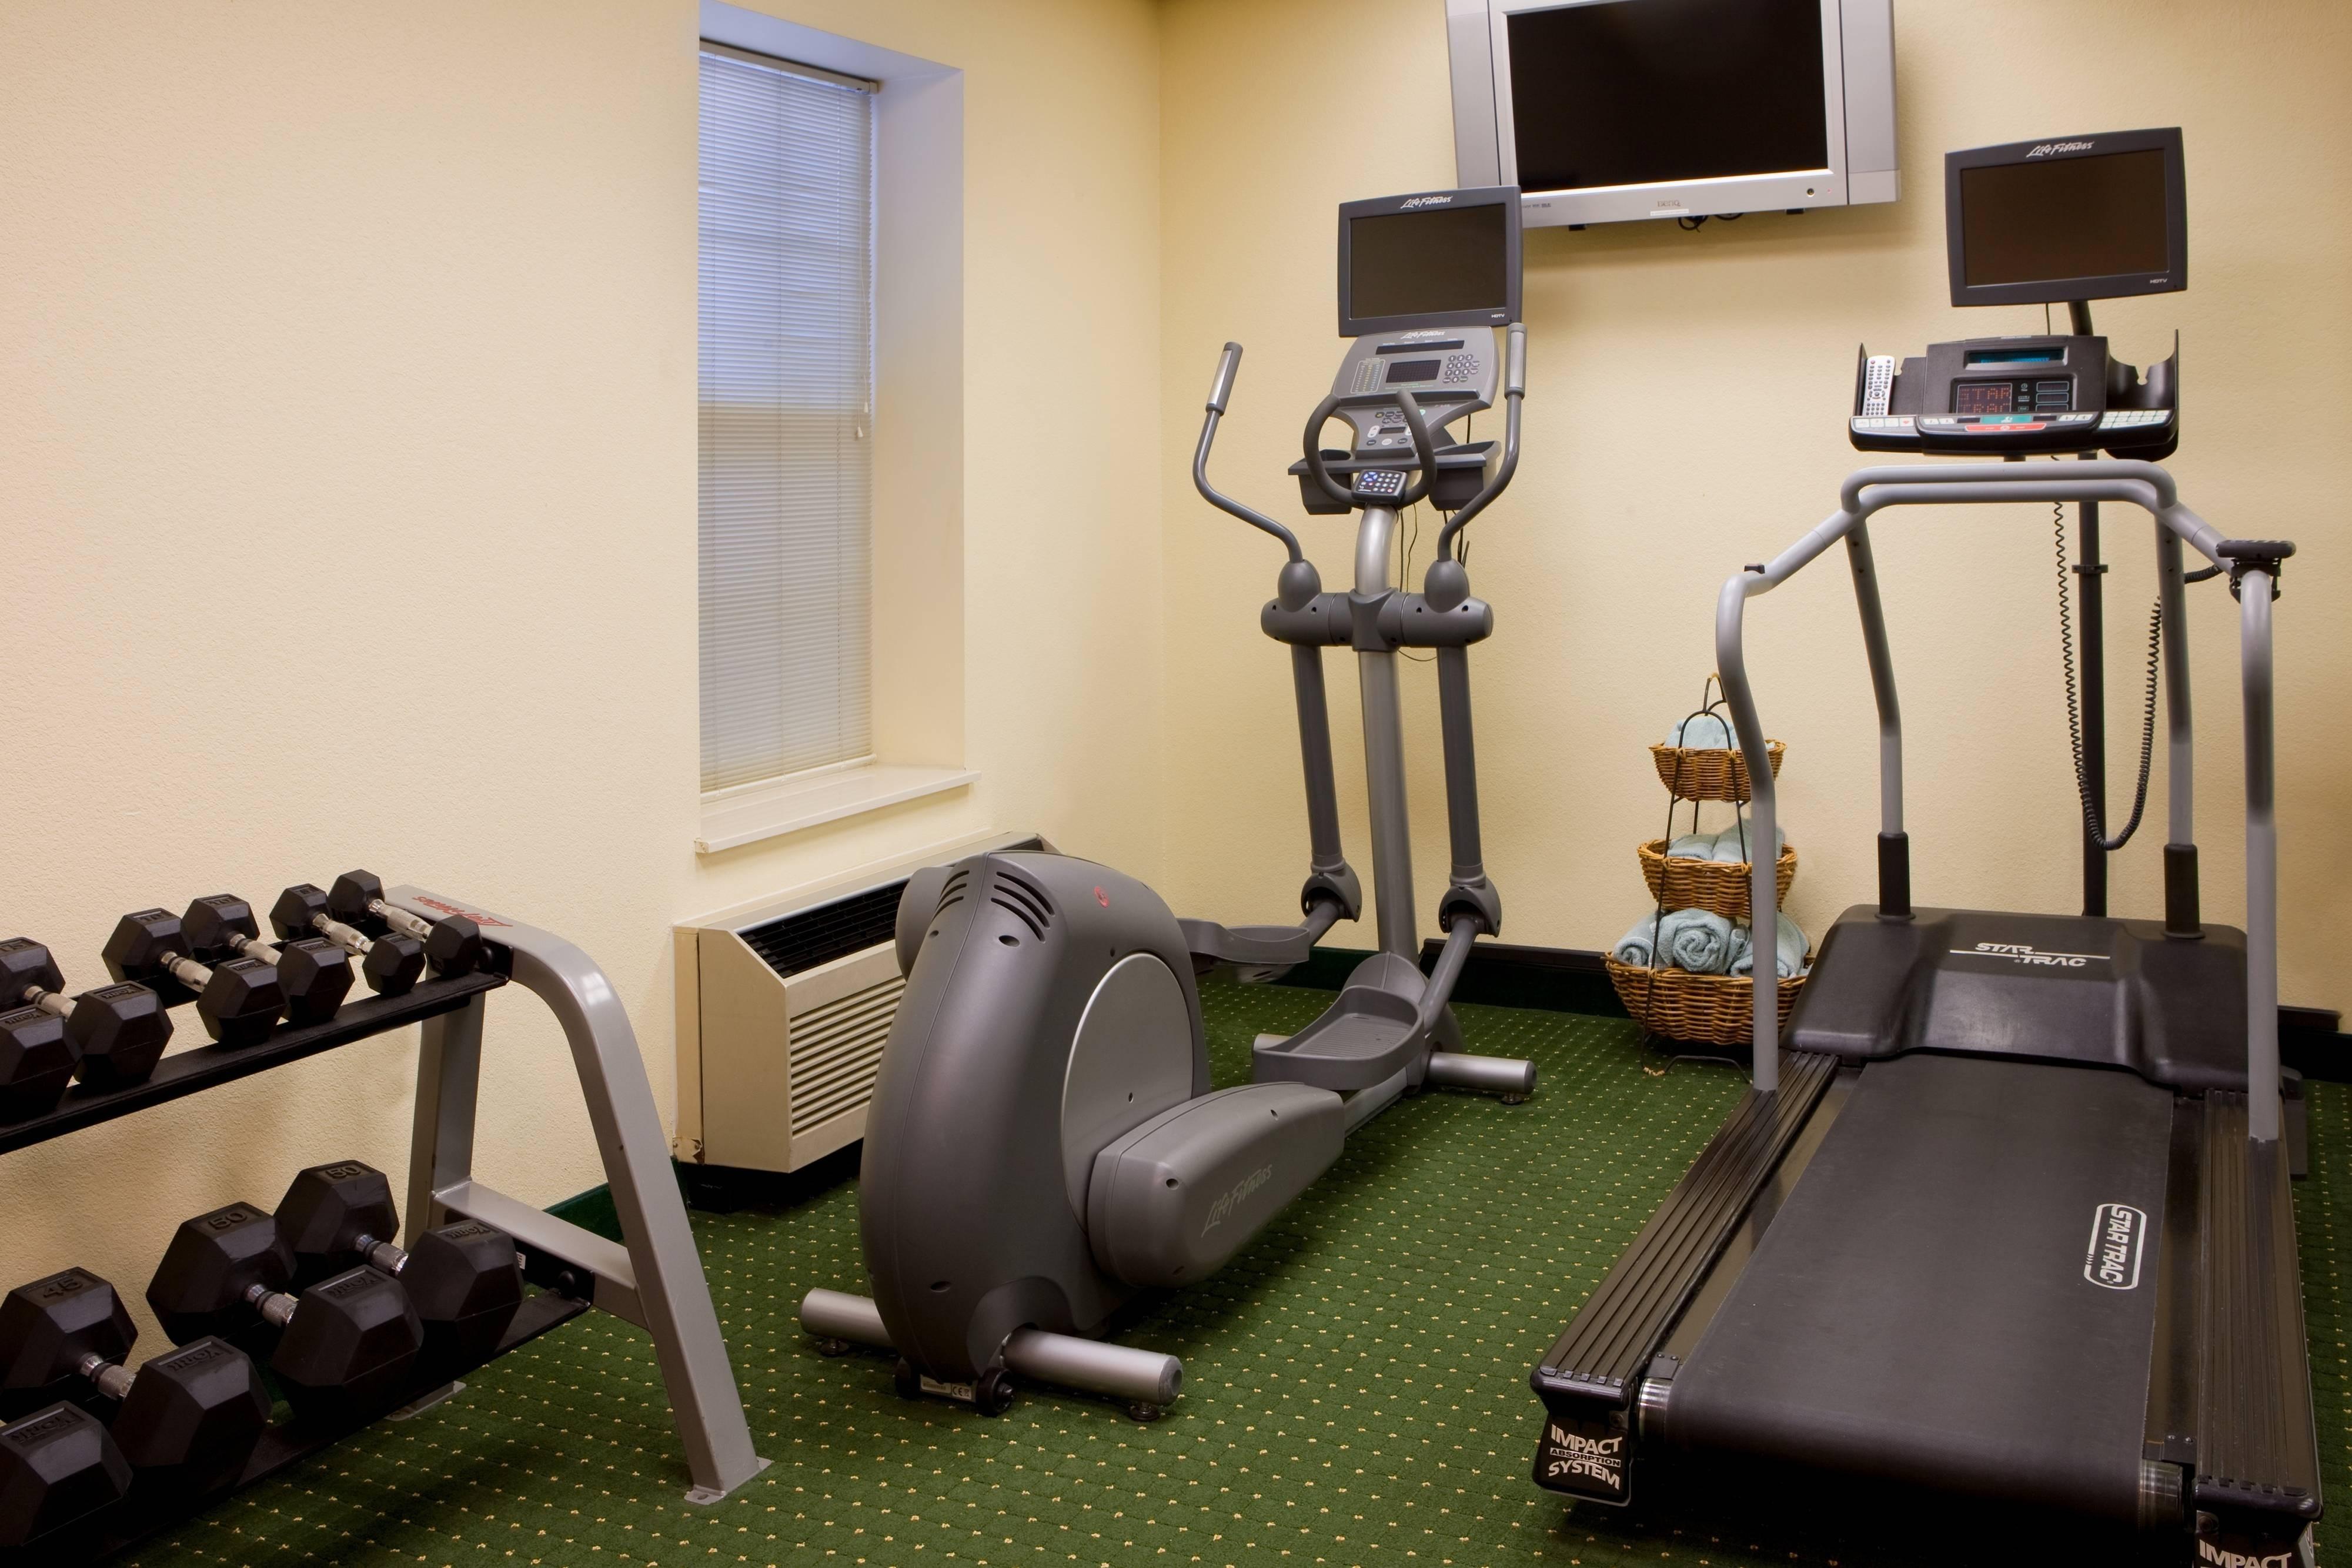 Hotel Gym Weights & Equipment